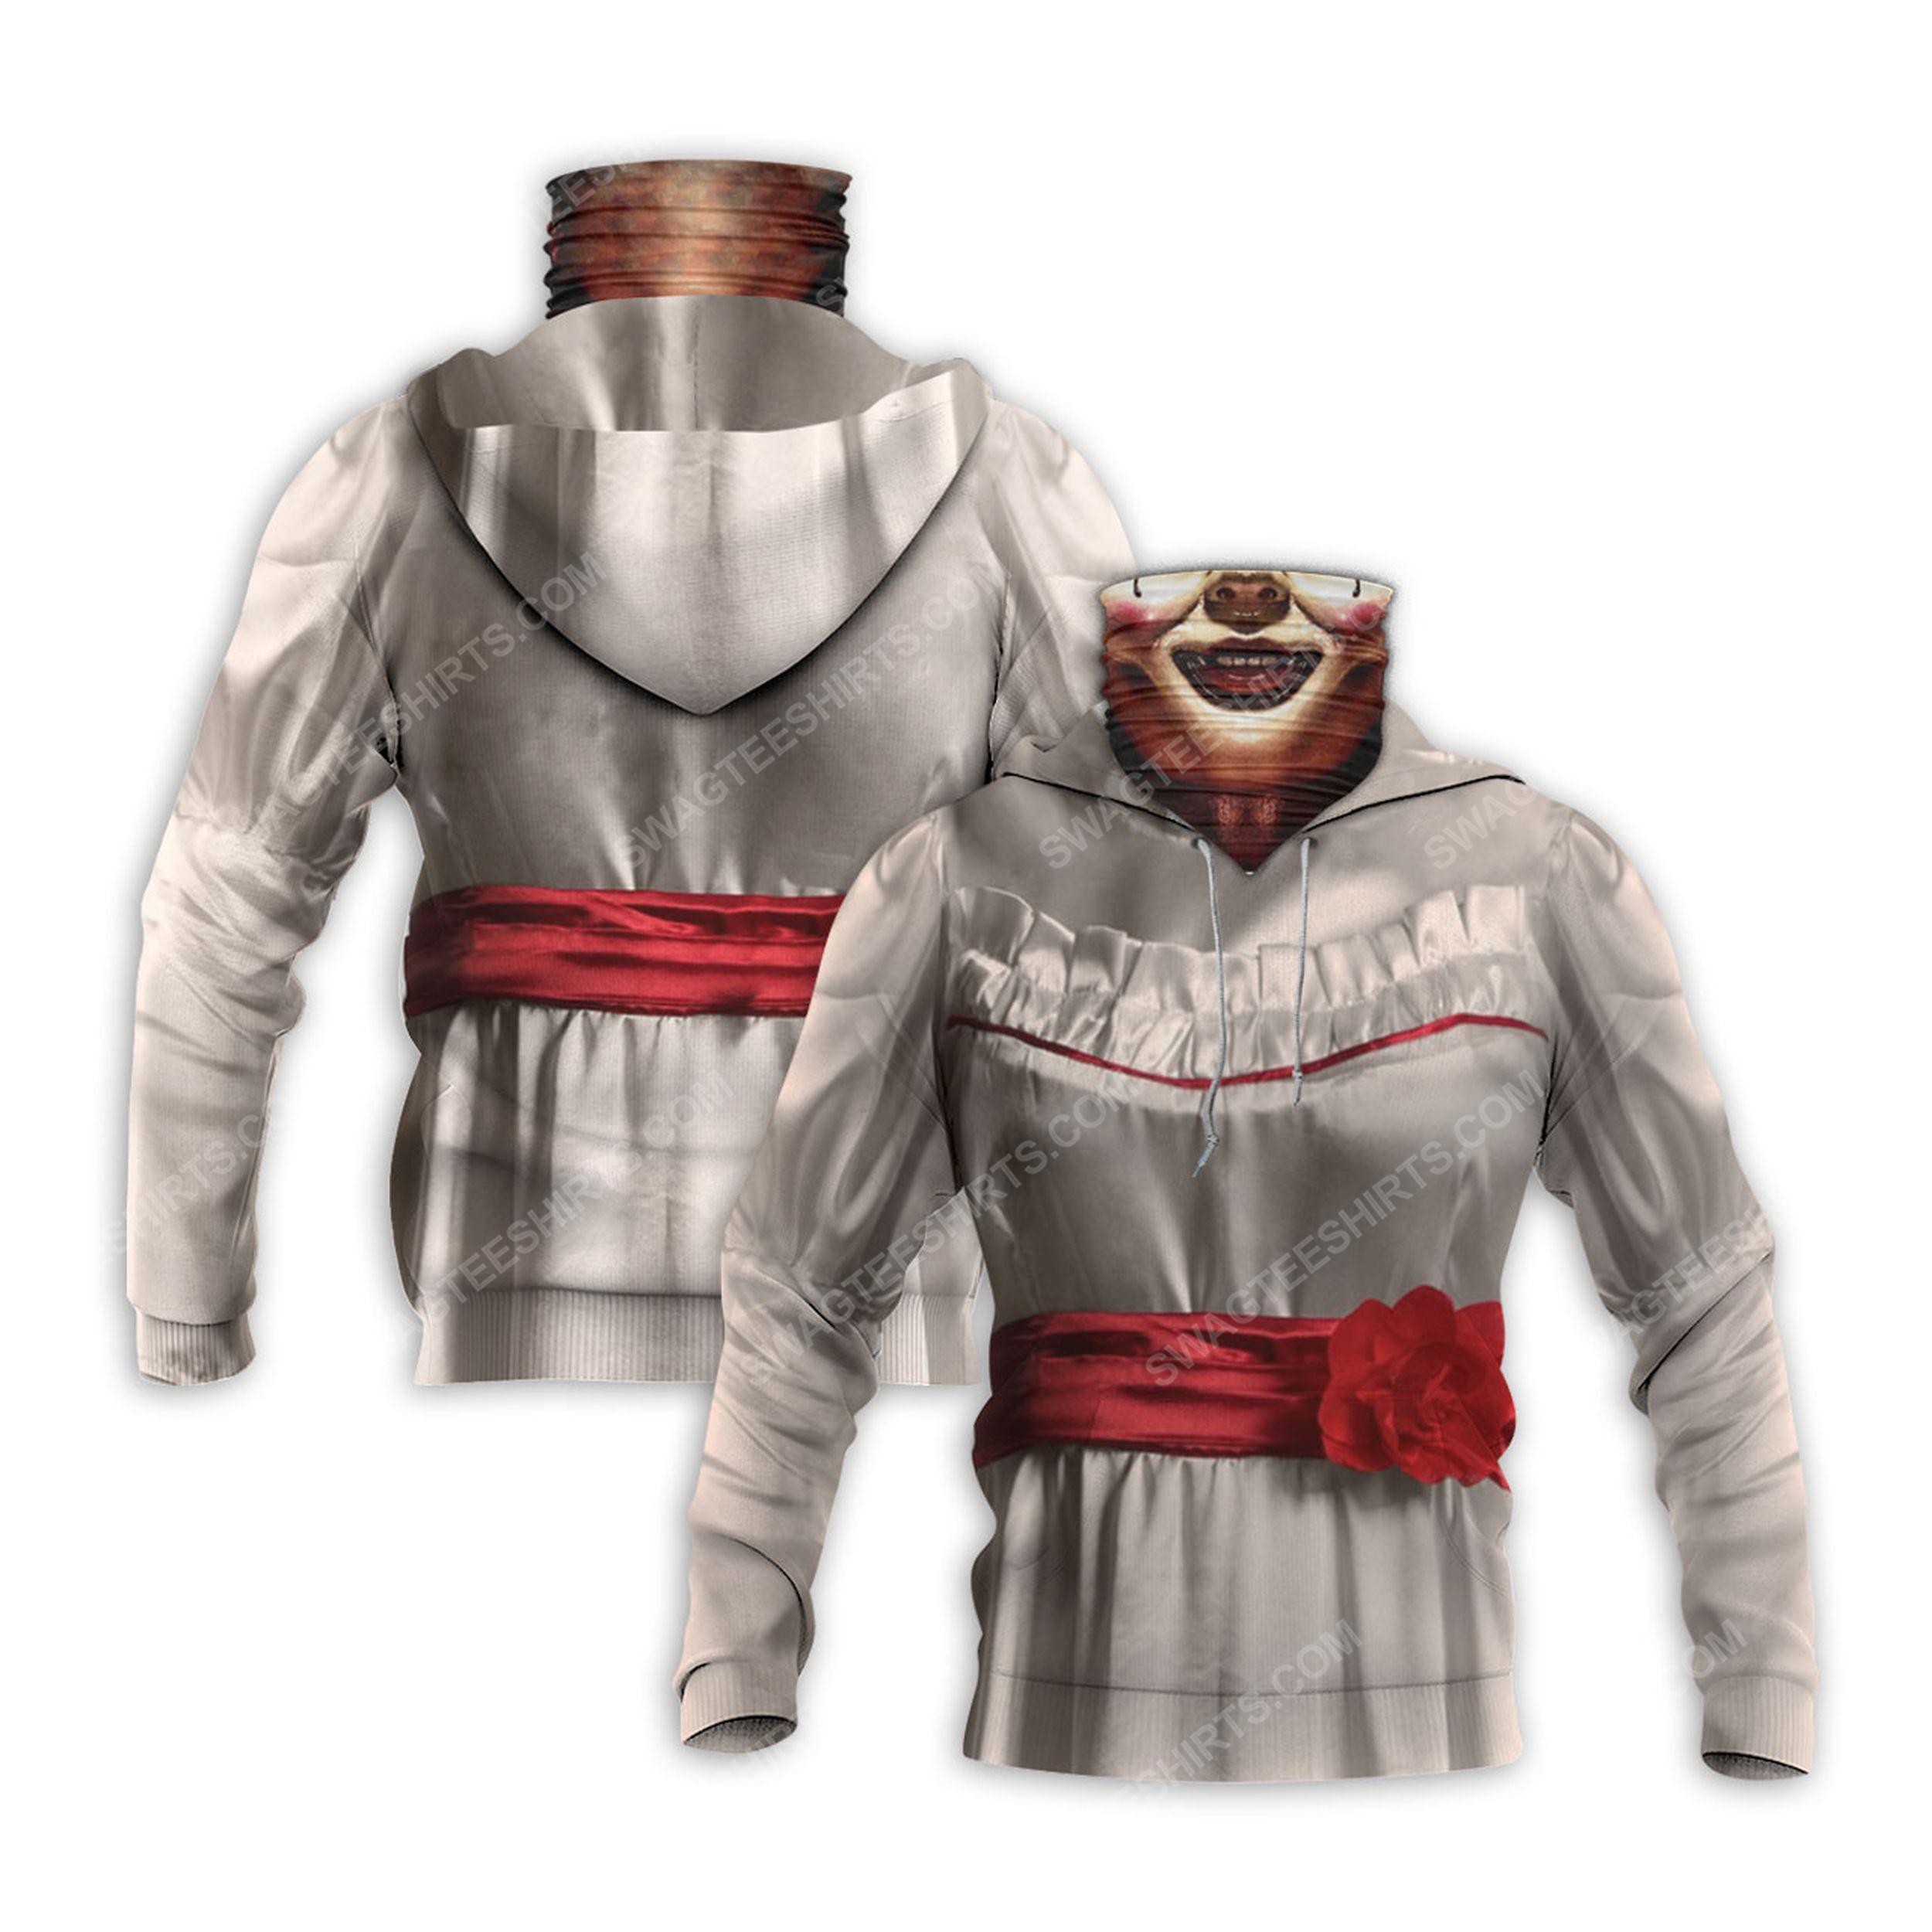 Horror movie annabelle for halloween full print mask hoodie 2(1)